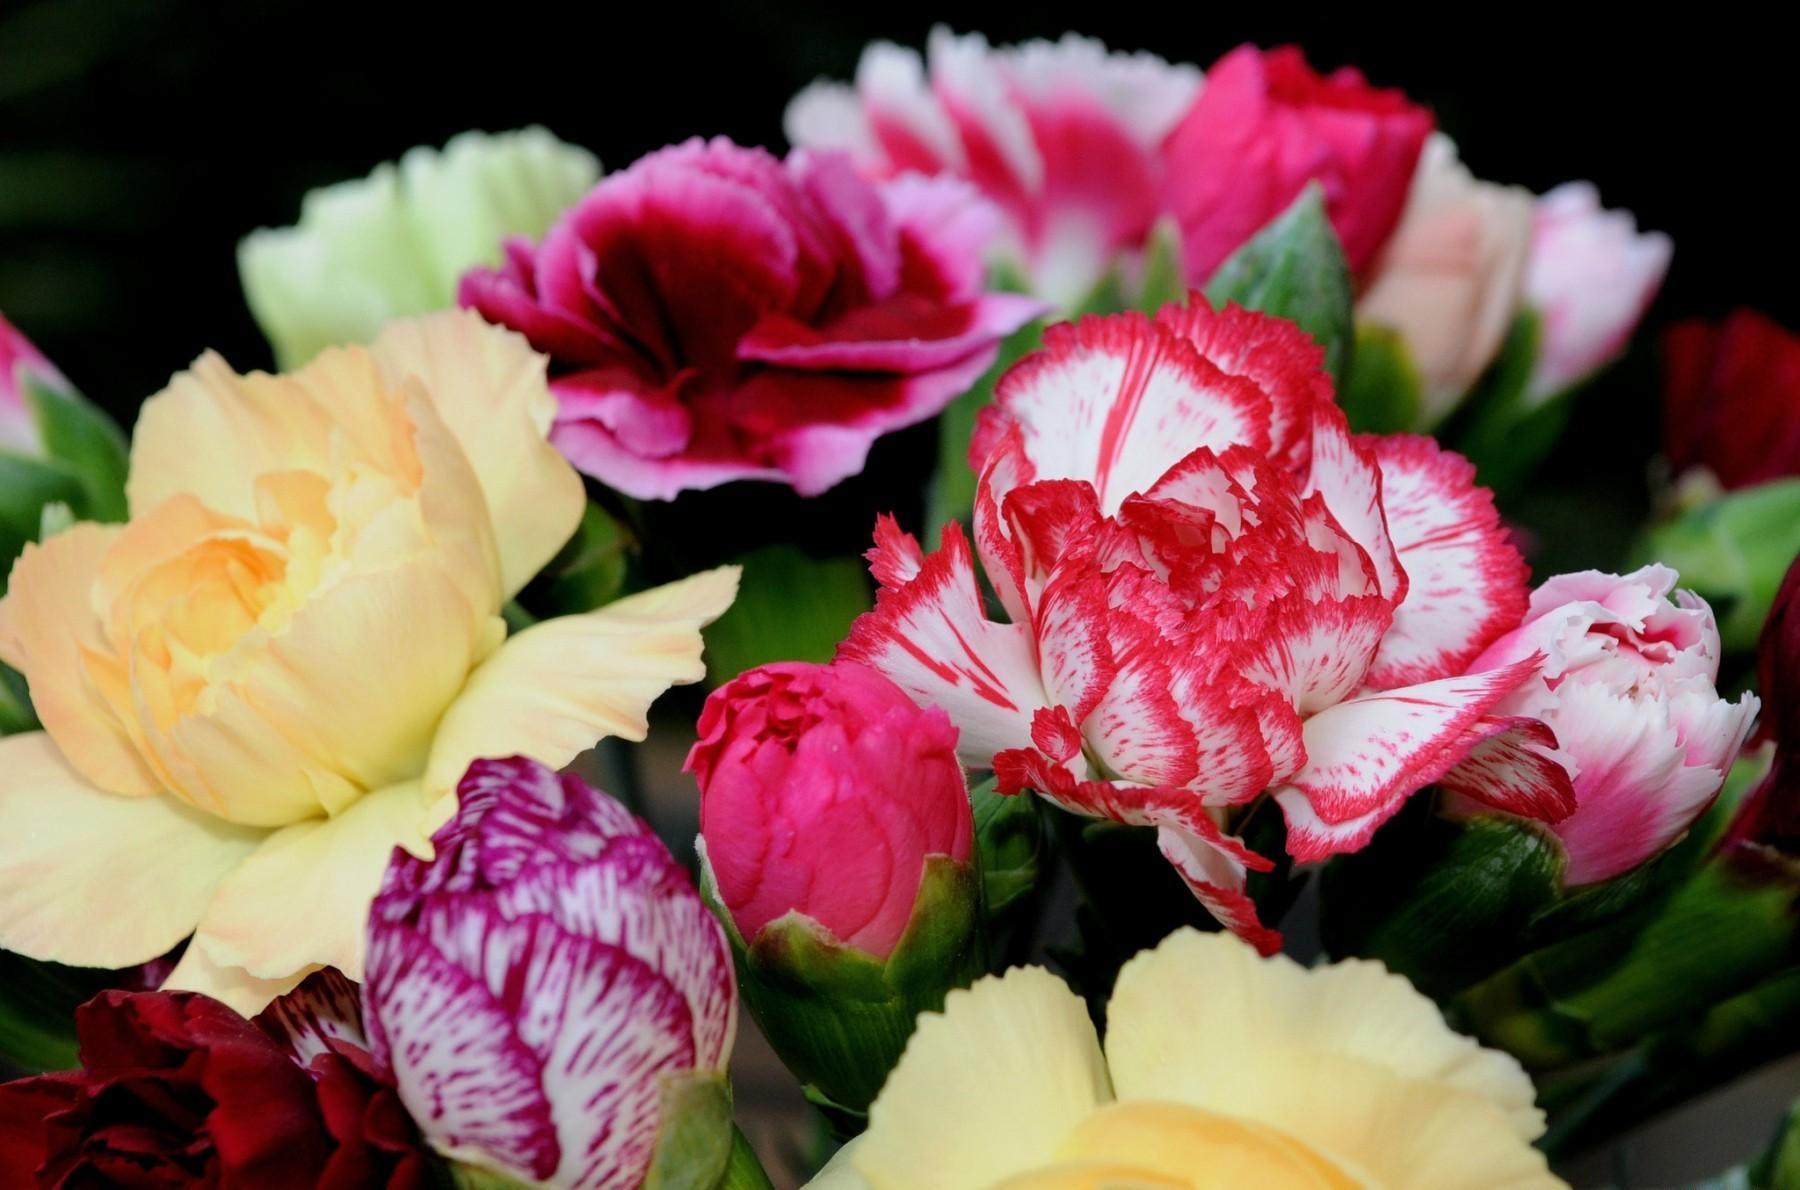 157015 Заставки и Обои Гвоздики на телефон. Скачать Цветы, Гвоздики, Букет, Яркие, Двухцветные картинки бесплатно